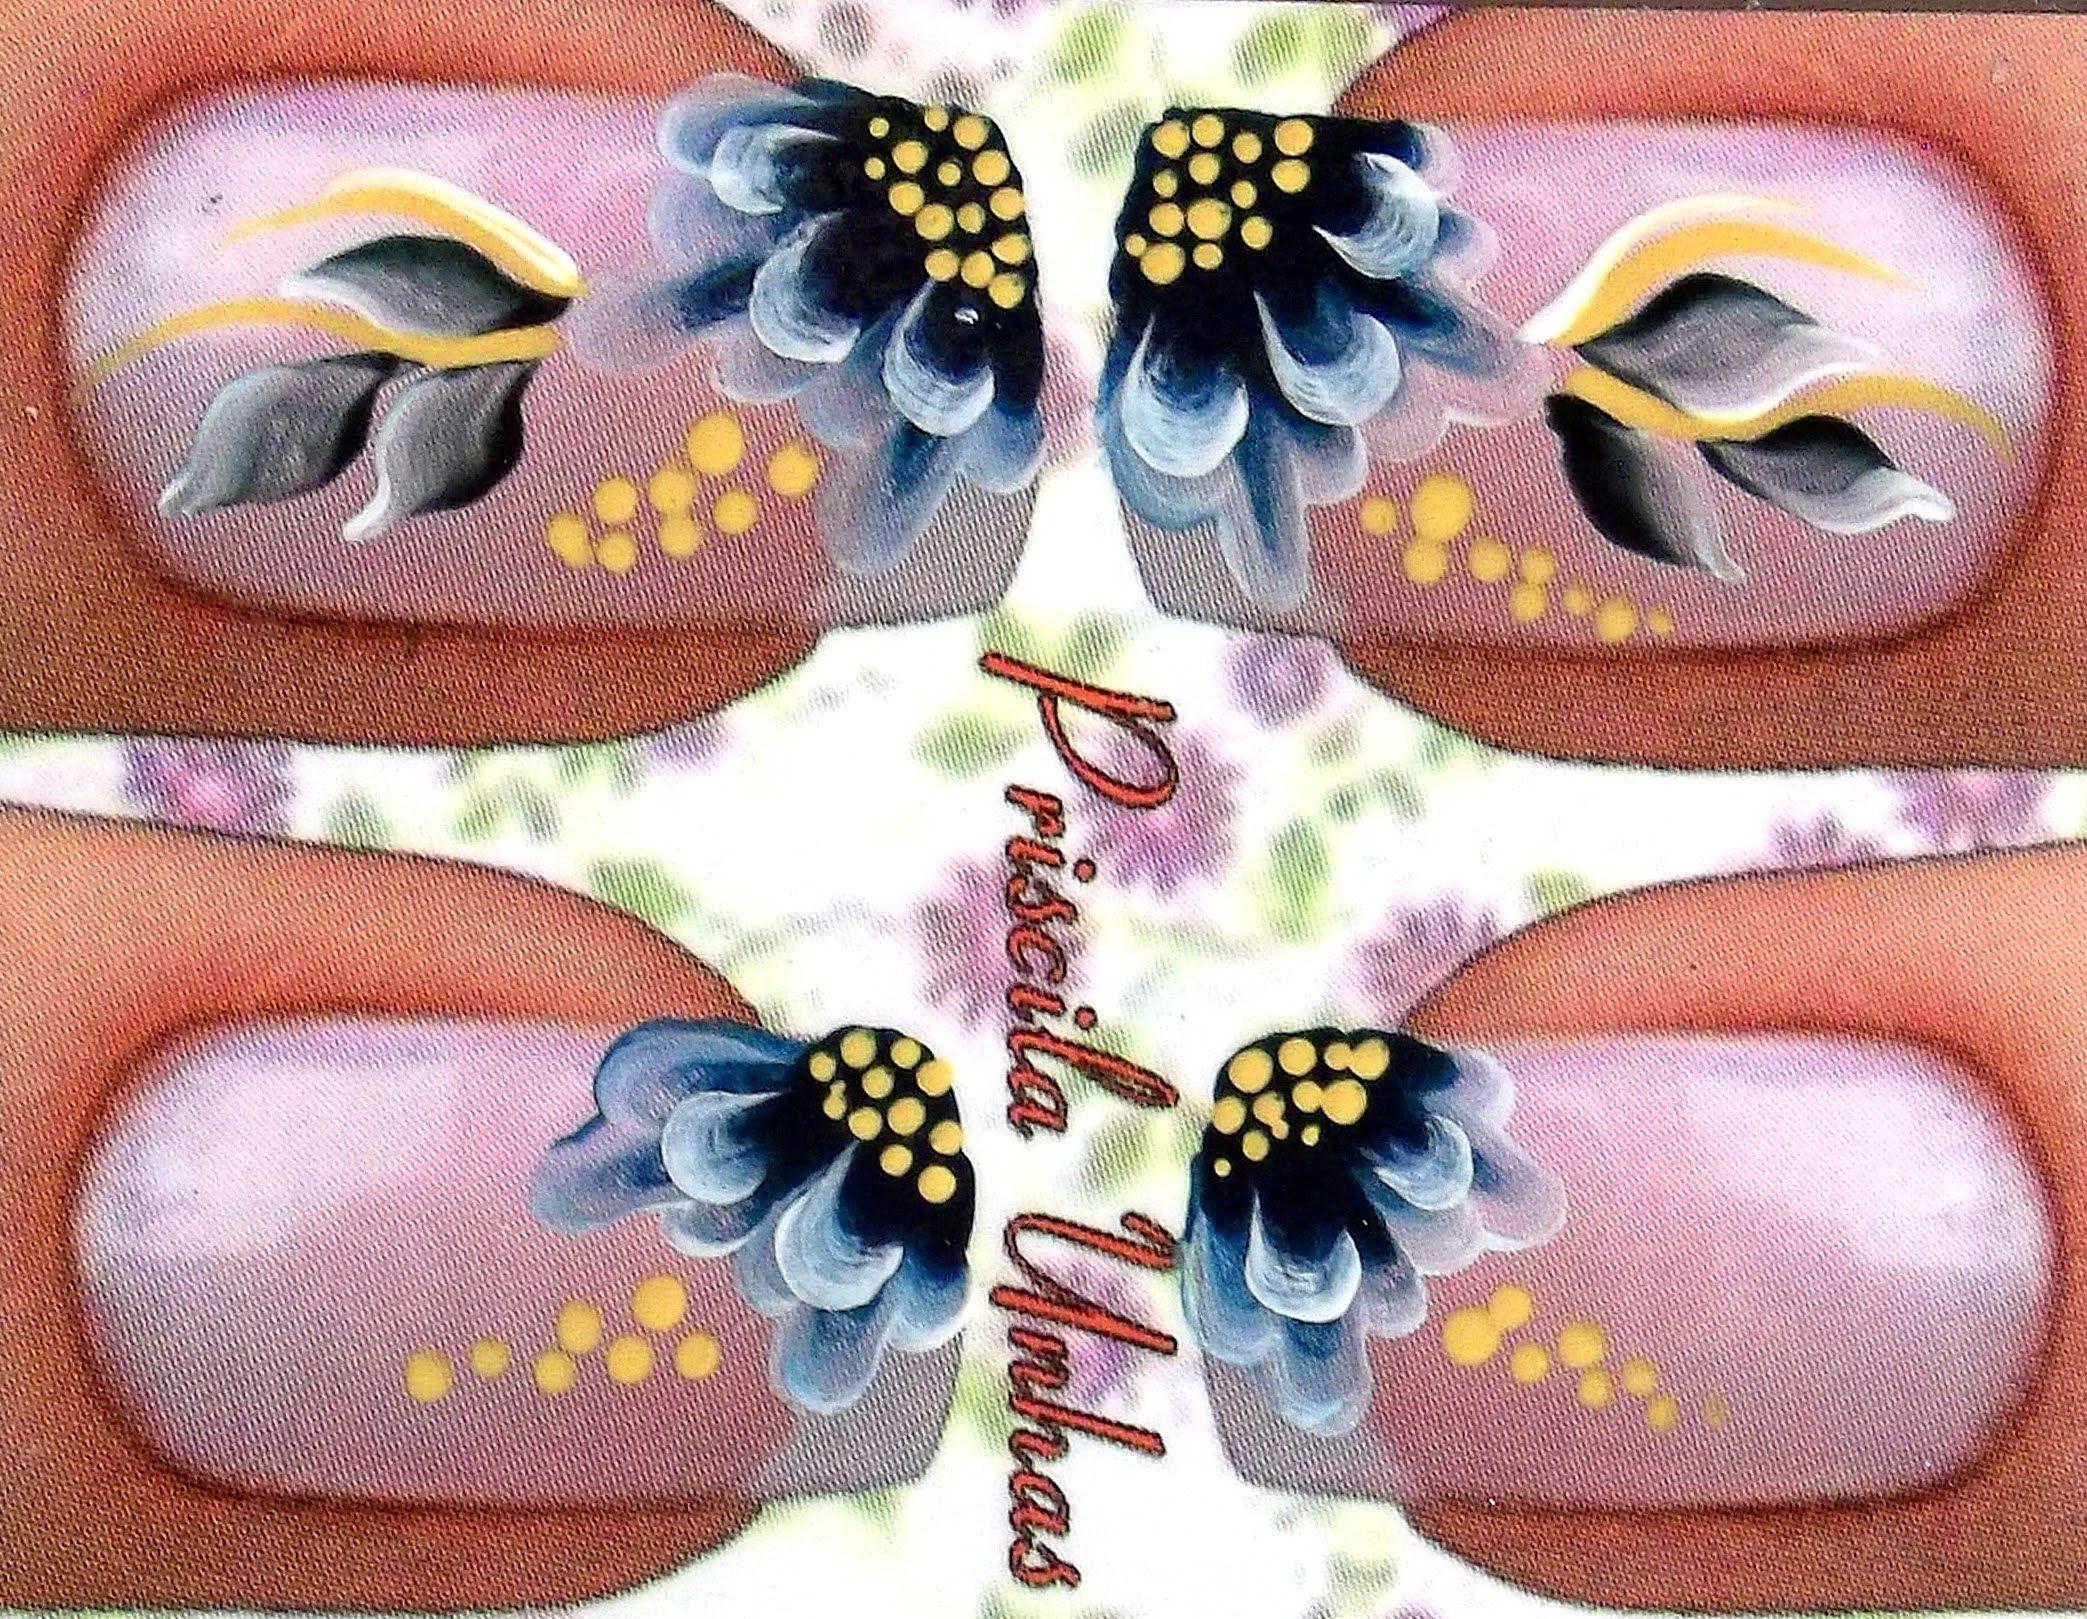 Adesivos Artesanais 5 Adesivos Artesanais para Unhas Belas unhas decoradas, Unhas decoradas  -> Decoração De Unhas Passo A Passo